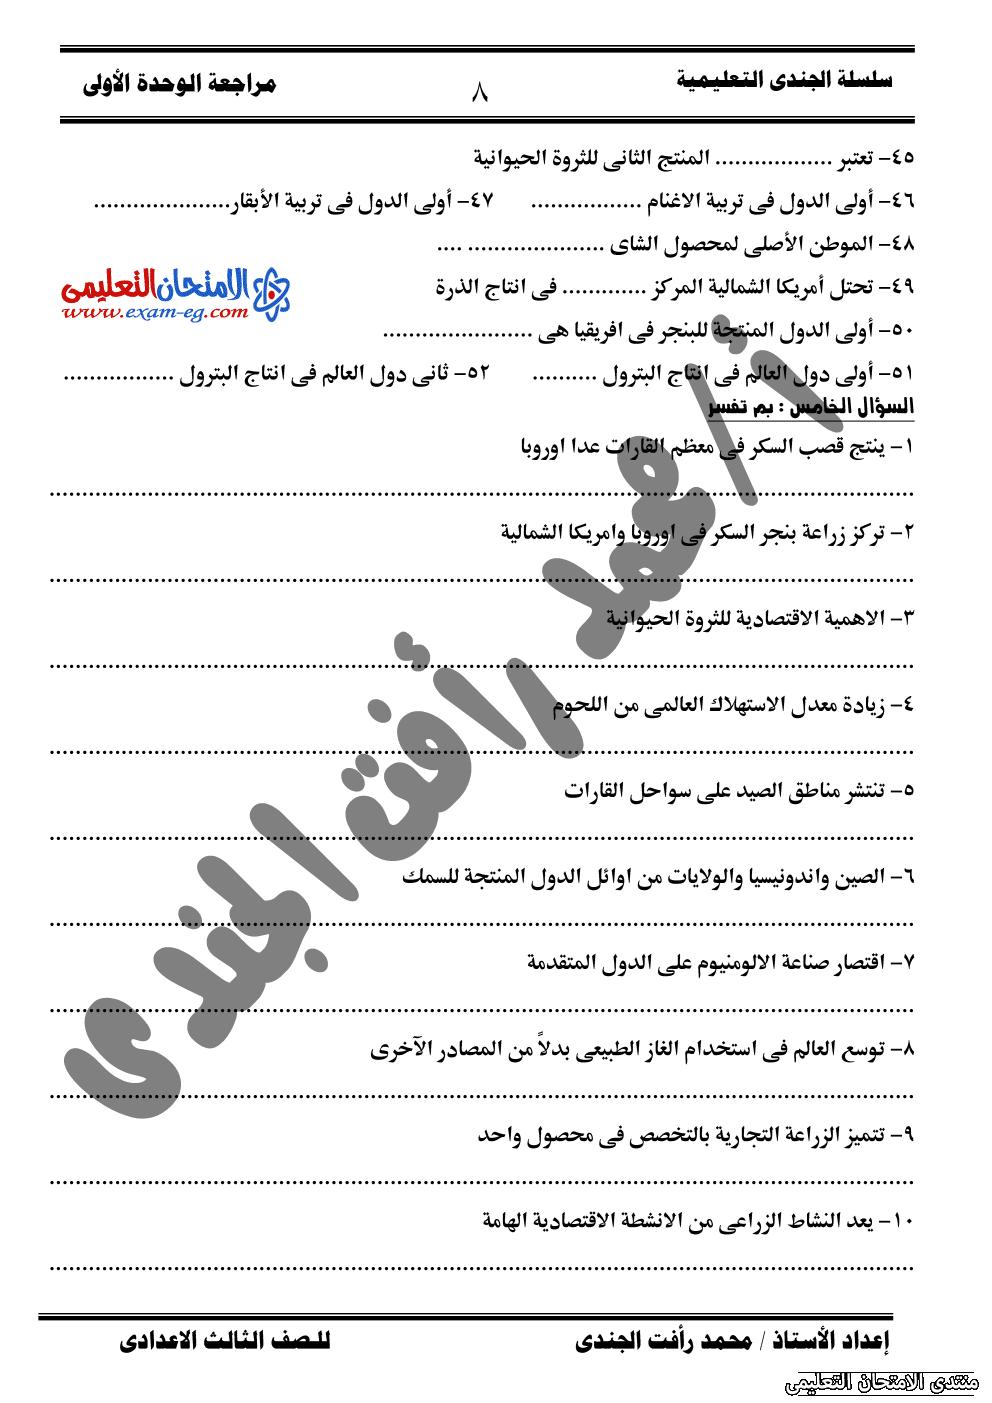 exam-eg.com_162264339555748.png